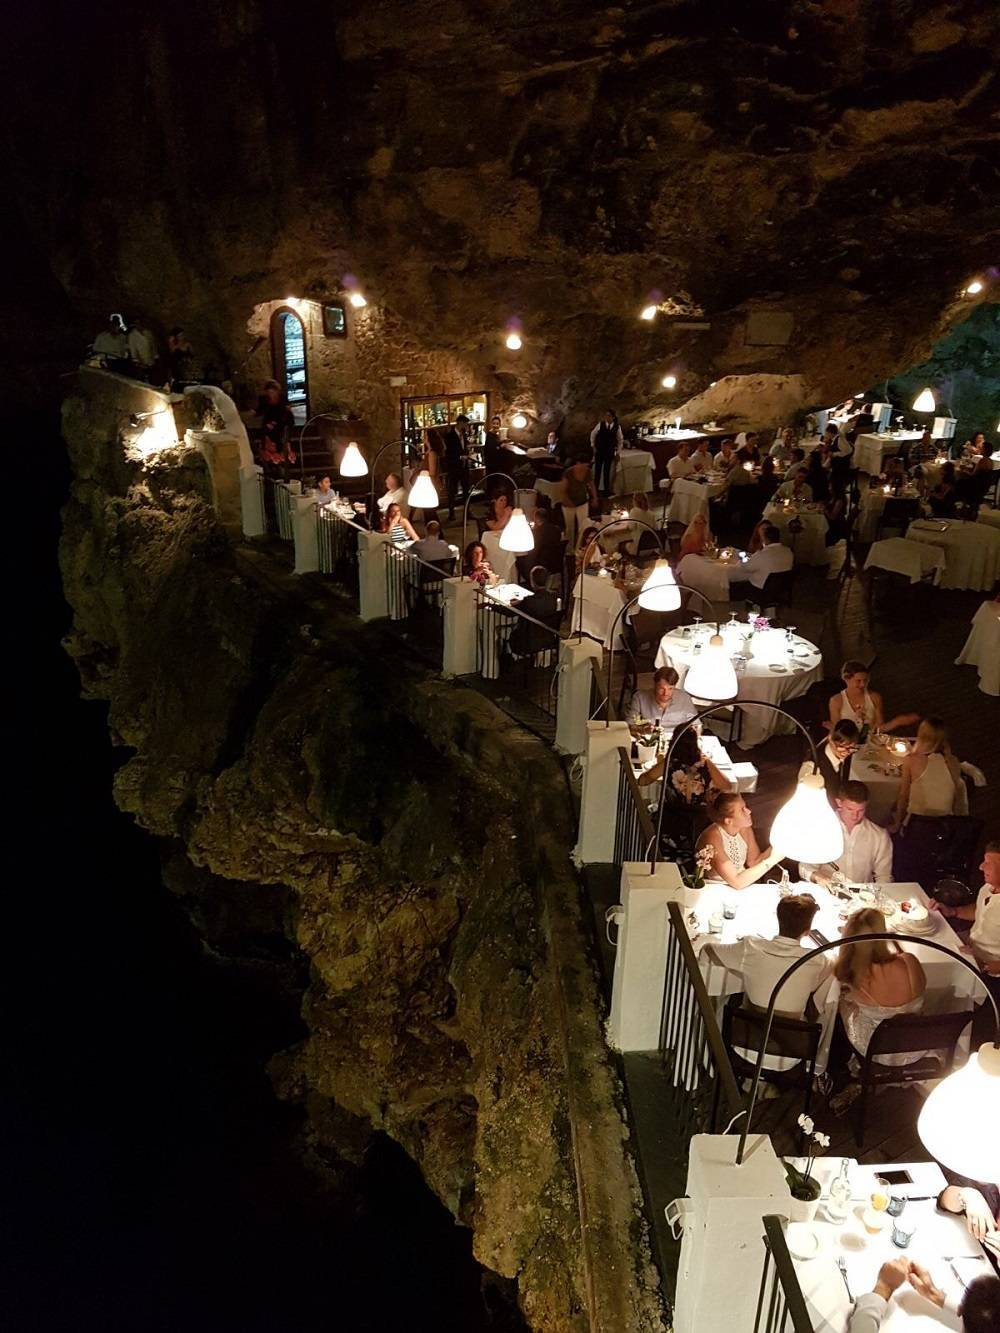 Grotta Palazzese in Polignano a Mare